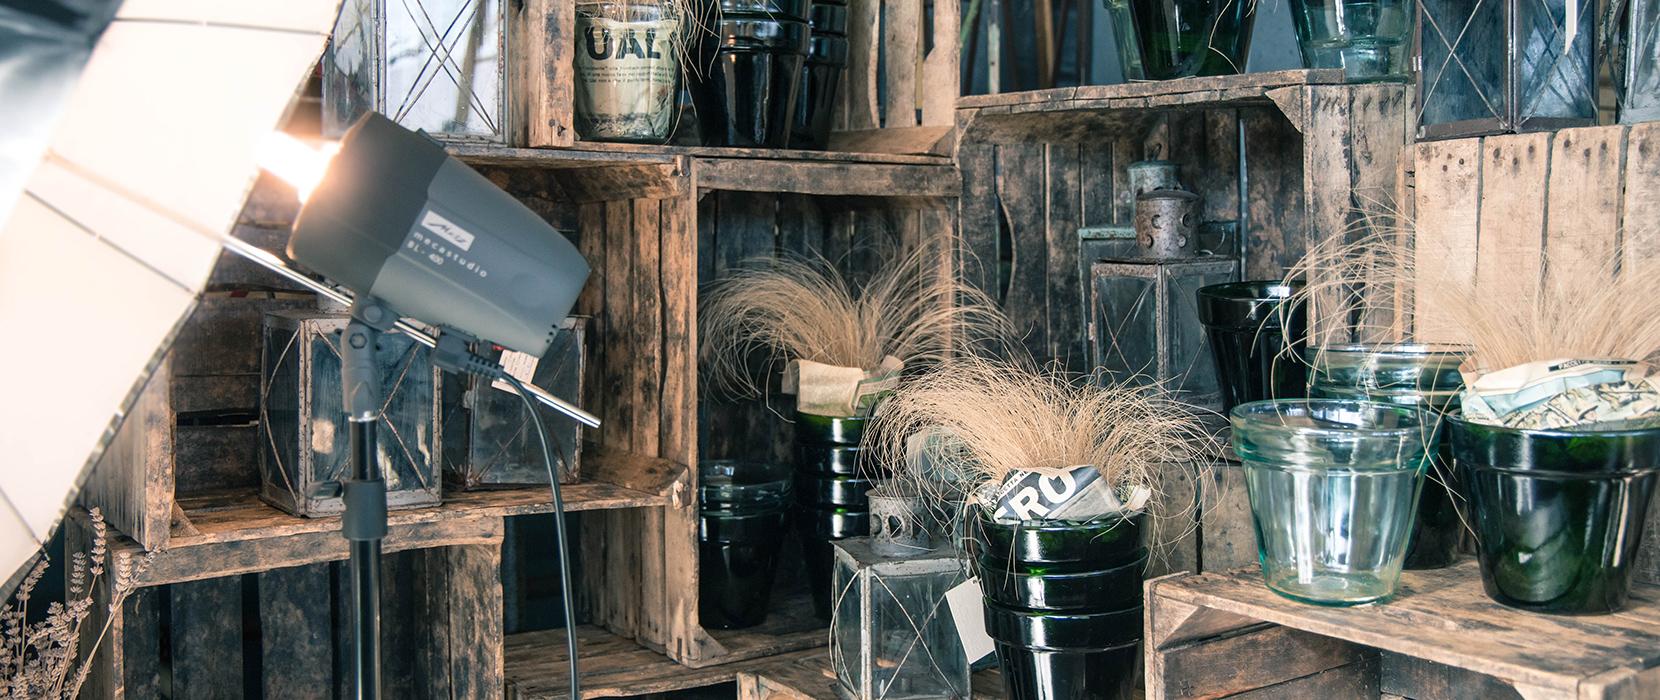 Negozio mobili usati vendita arredamento vintage for Vendita arredamento vintage